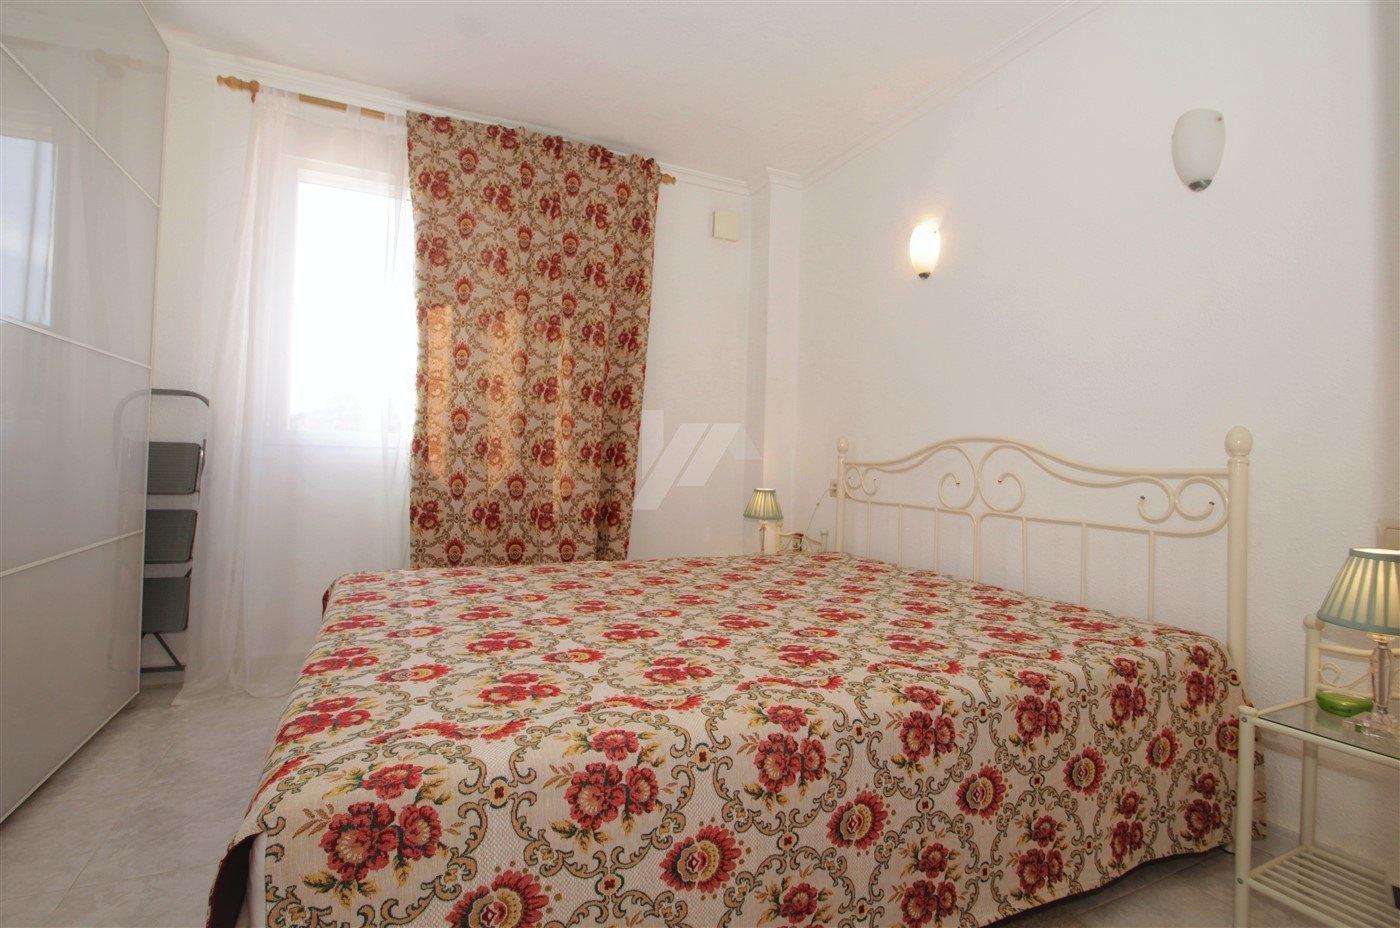 Wohnung zum Verkauf in Benitachell, Costa Blanca.